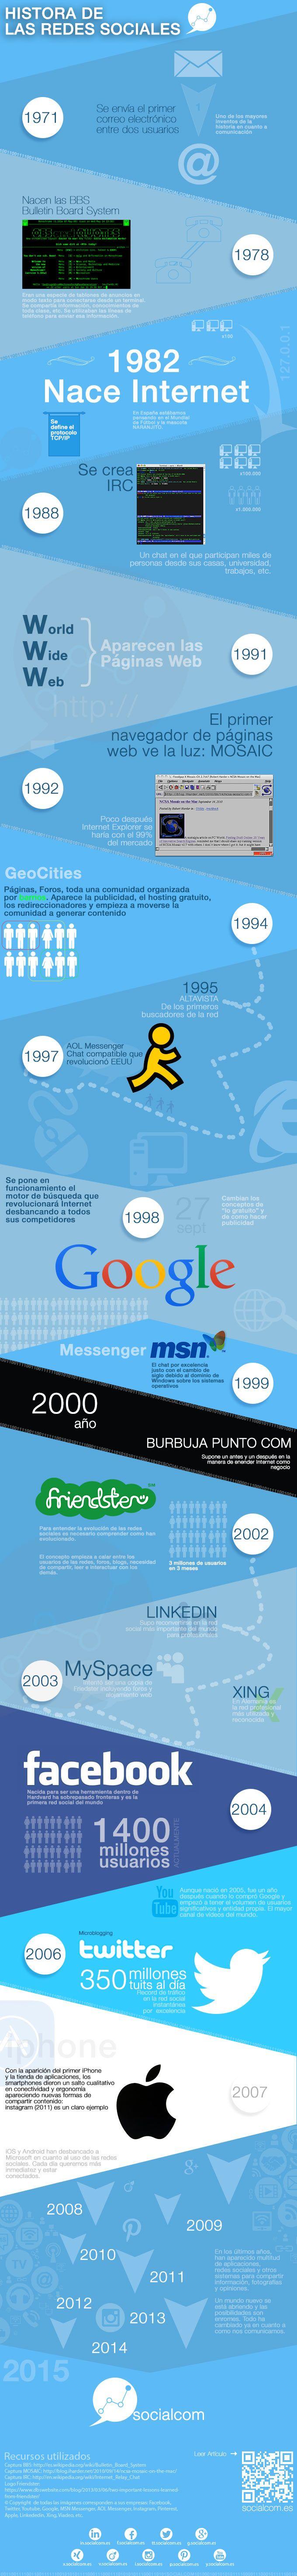 Hola: Una infografía con la Historia de las Redes Sociales. Vía Un saludo